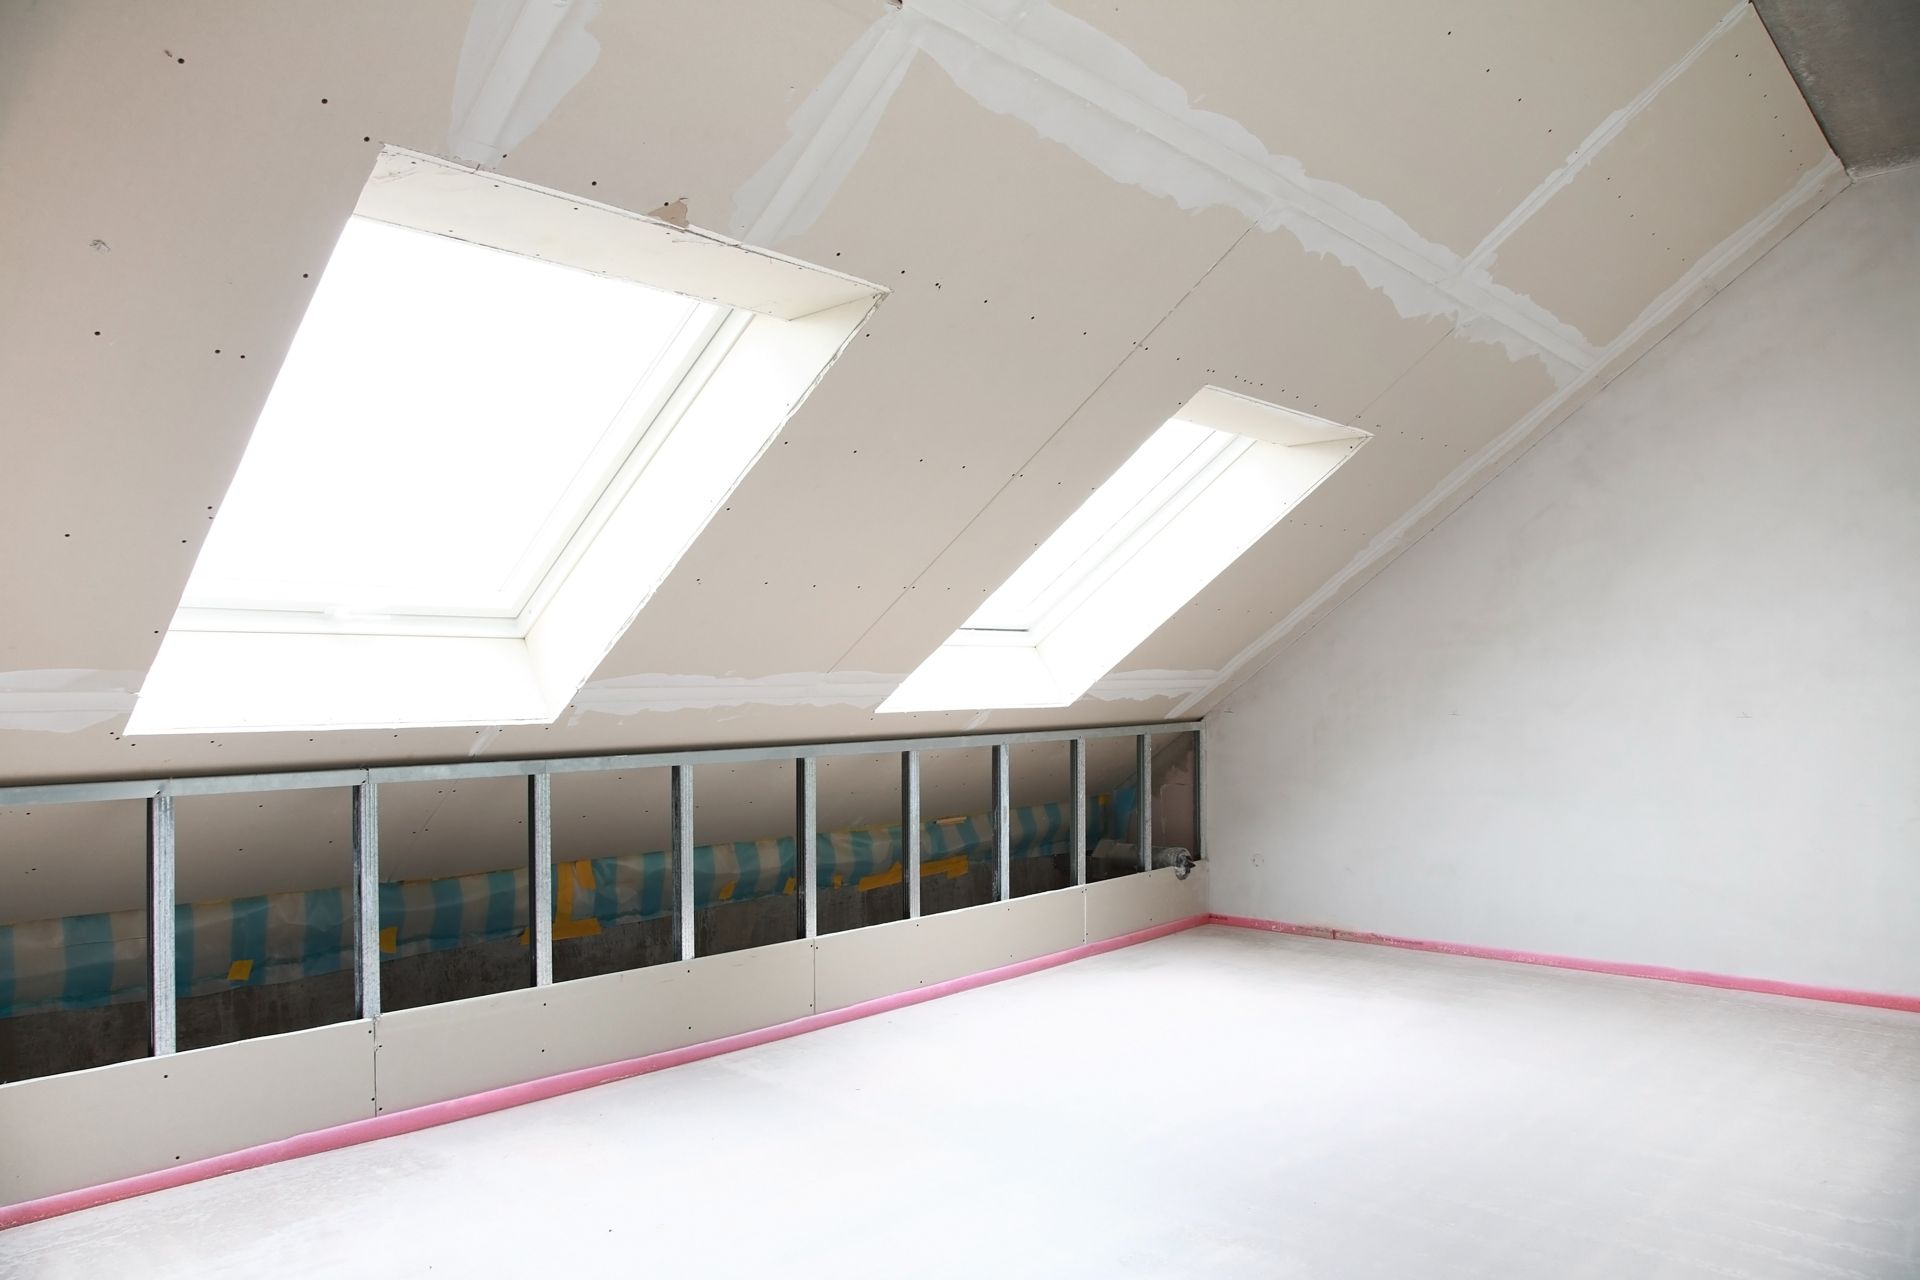 loft conversion ideas for victorian terrace - Loft conversion Construction Bear